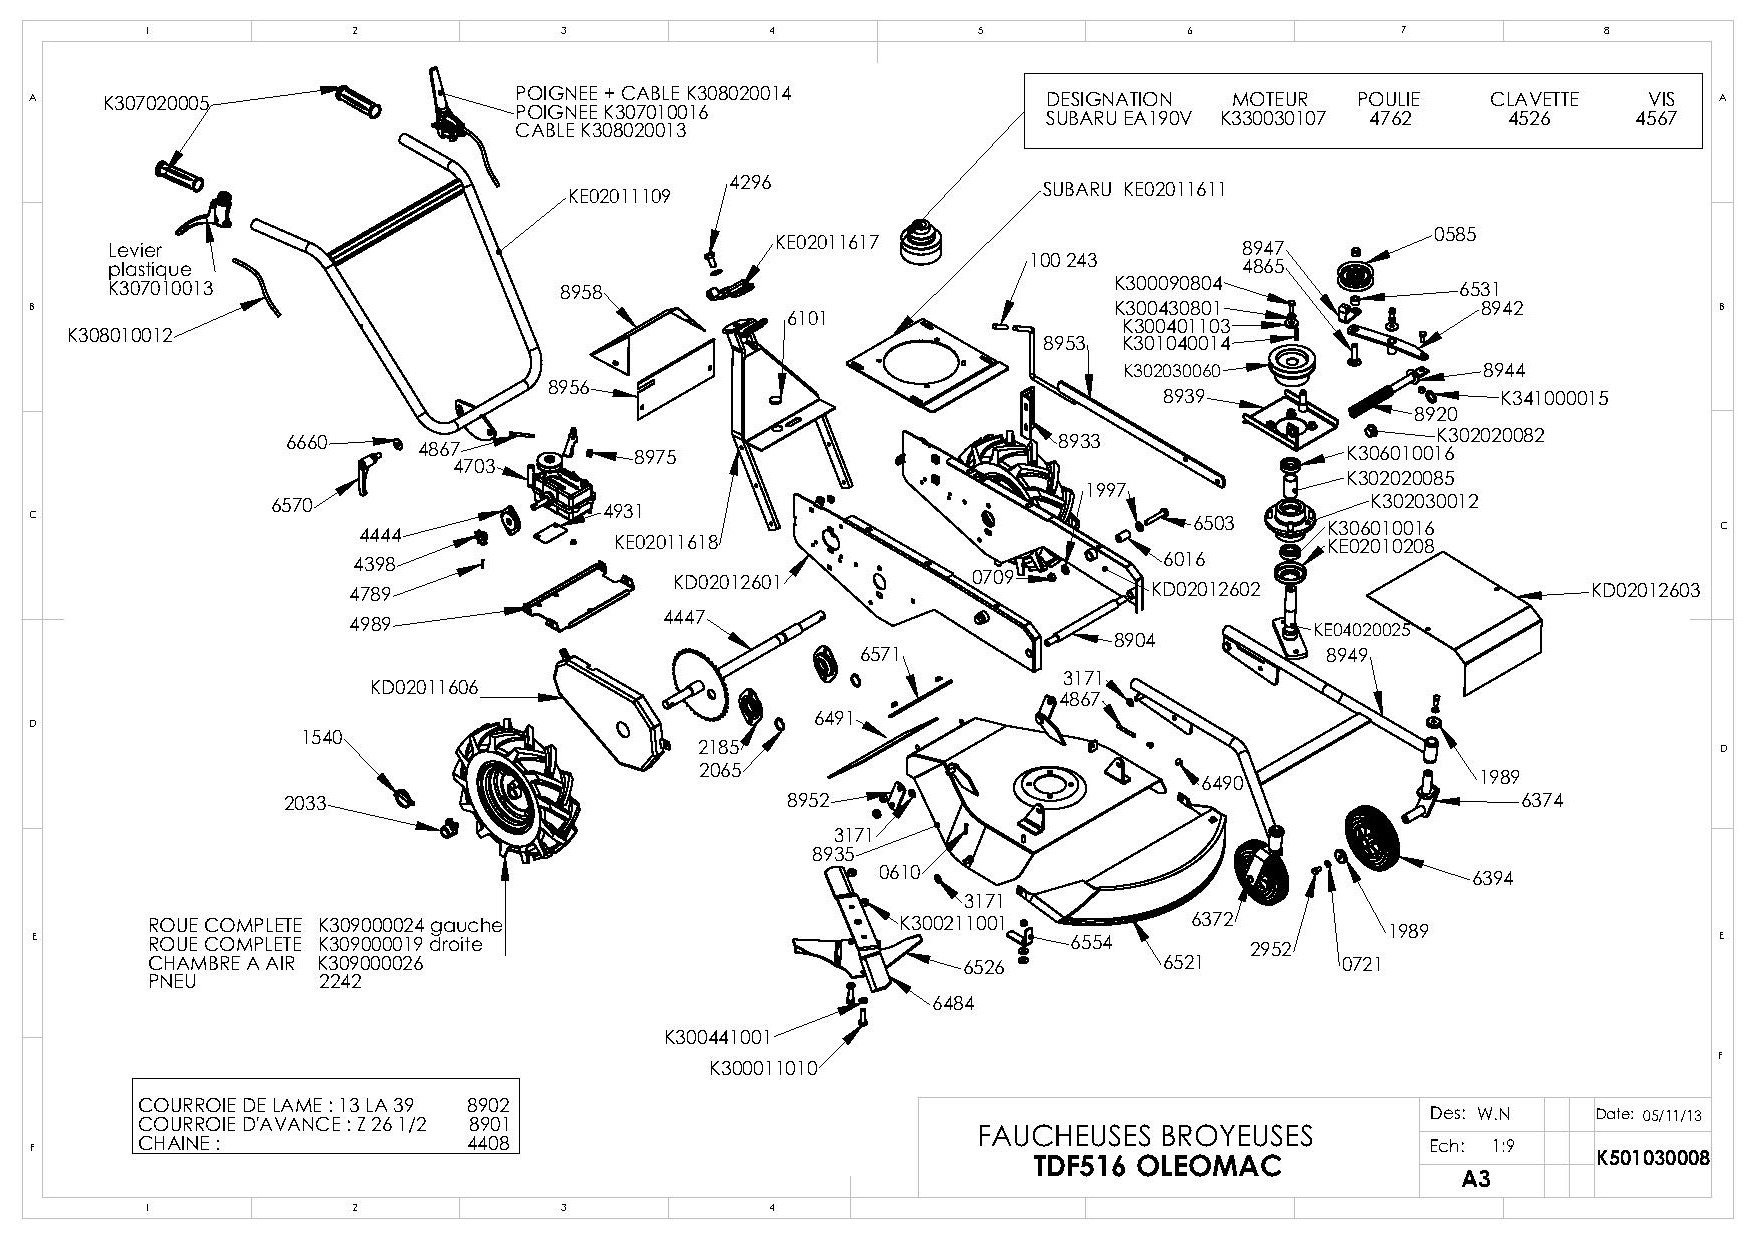 TDF 516 Débroussailleuse à roues Oleomac Dessins pièces -  Vue éclatée